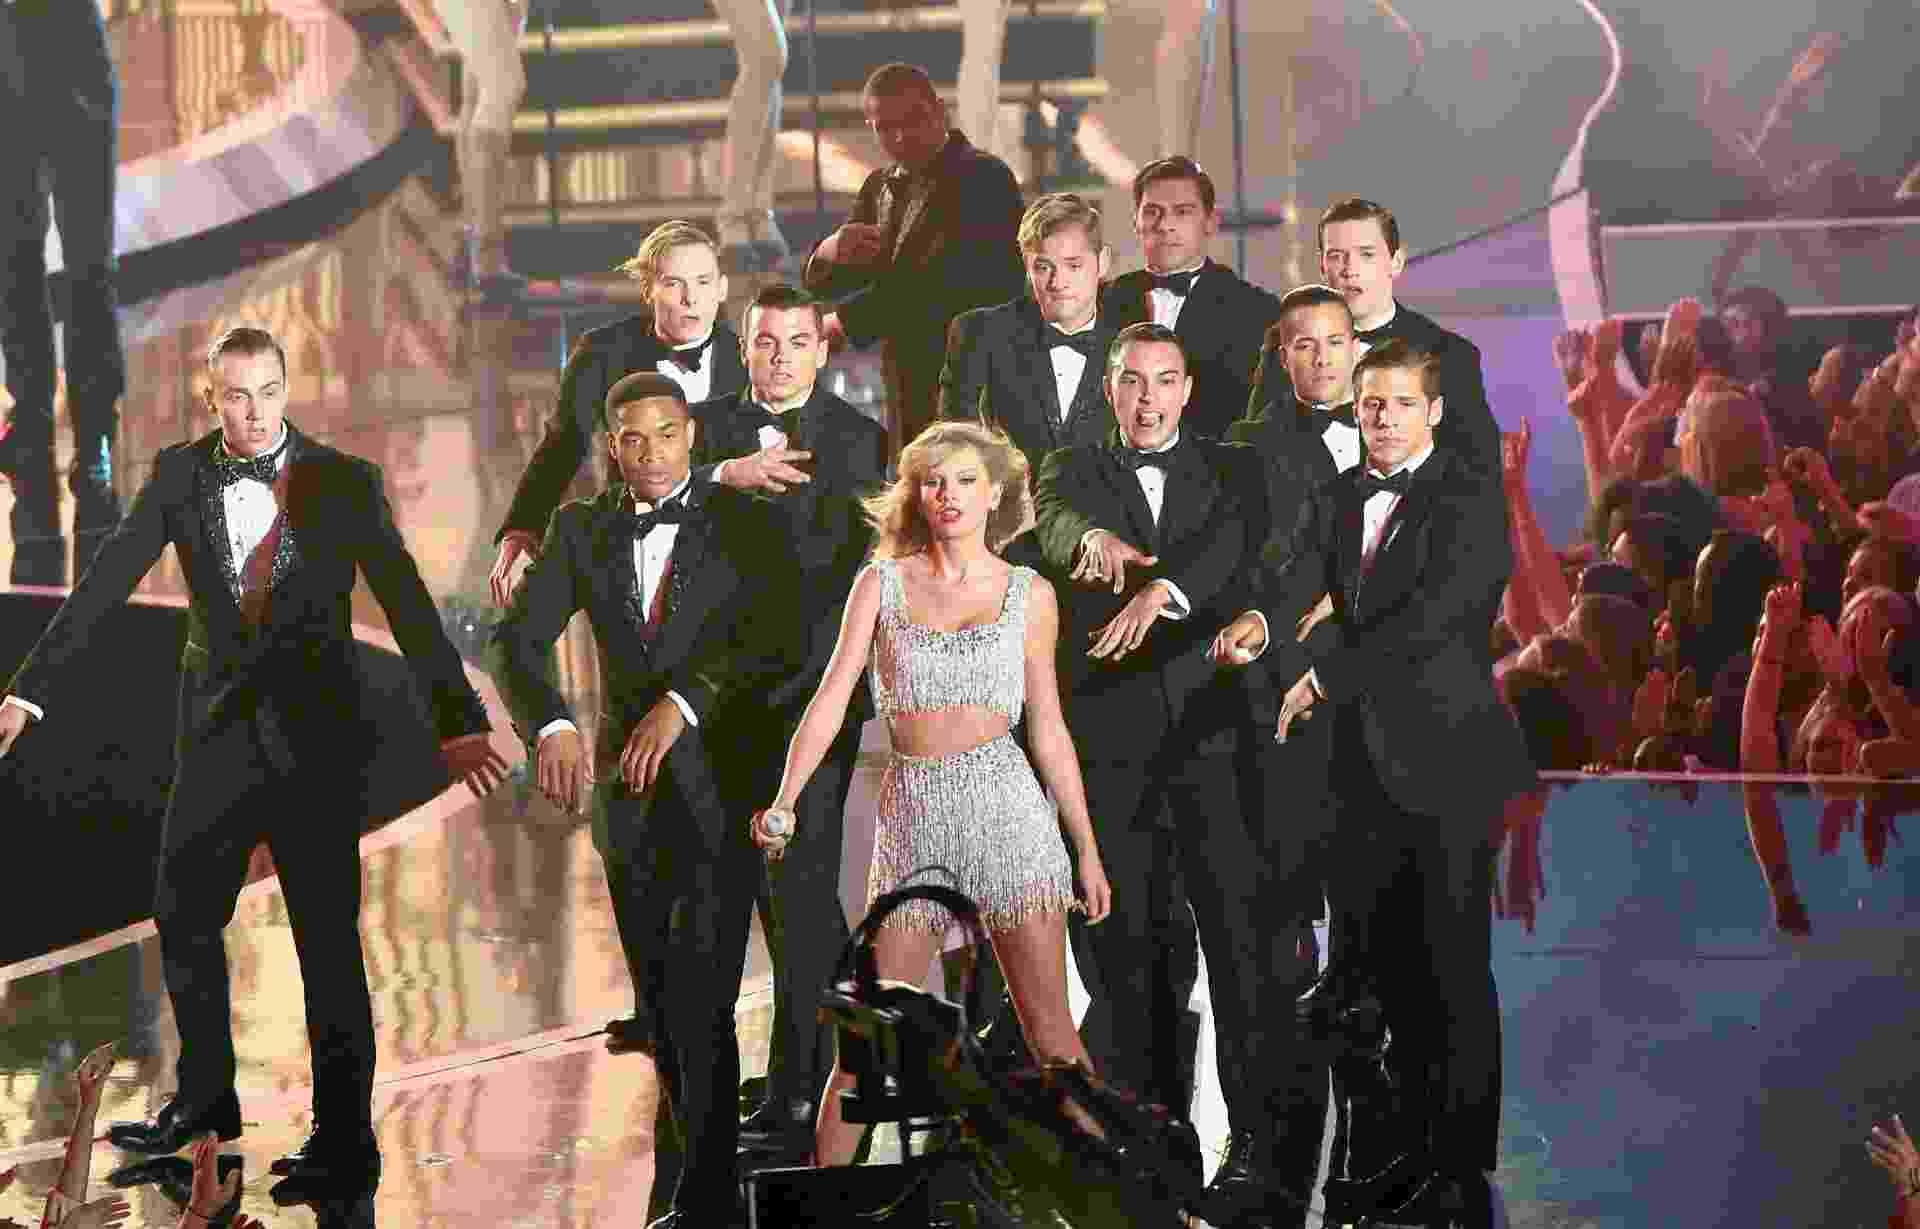 """24.ago.2014 - Taylor Swift faz estreia ao vivo do single """"Shake It Off"""" no palco do VMA 2014 (Video Music Awards) no Fórum de Inglewood, na Califórnia - Getty Images"""